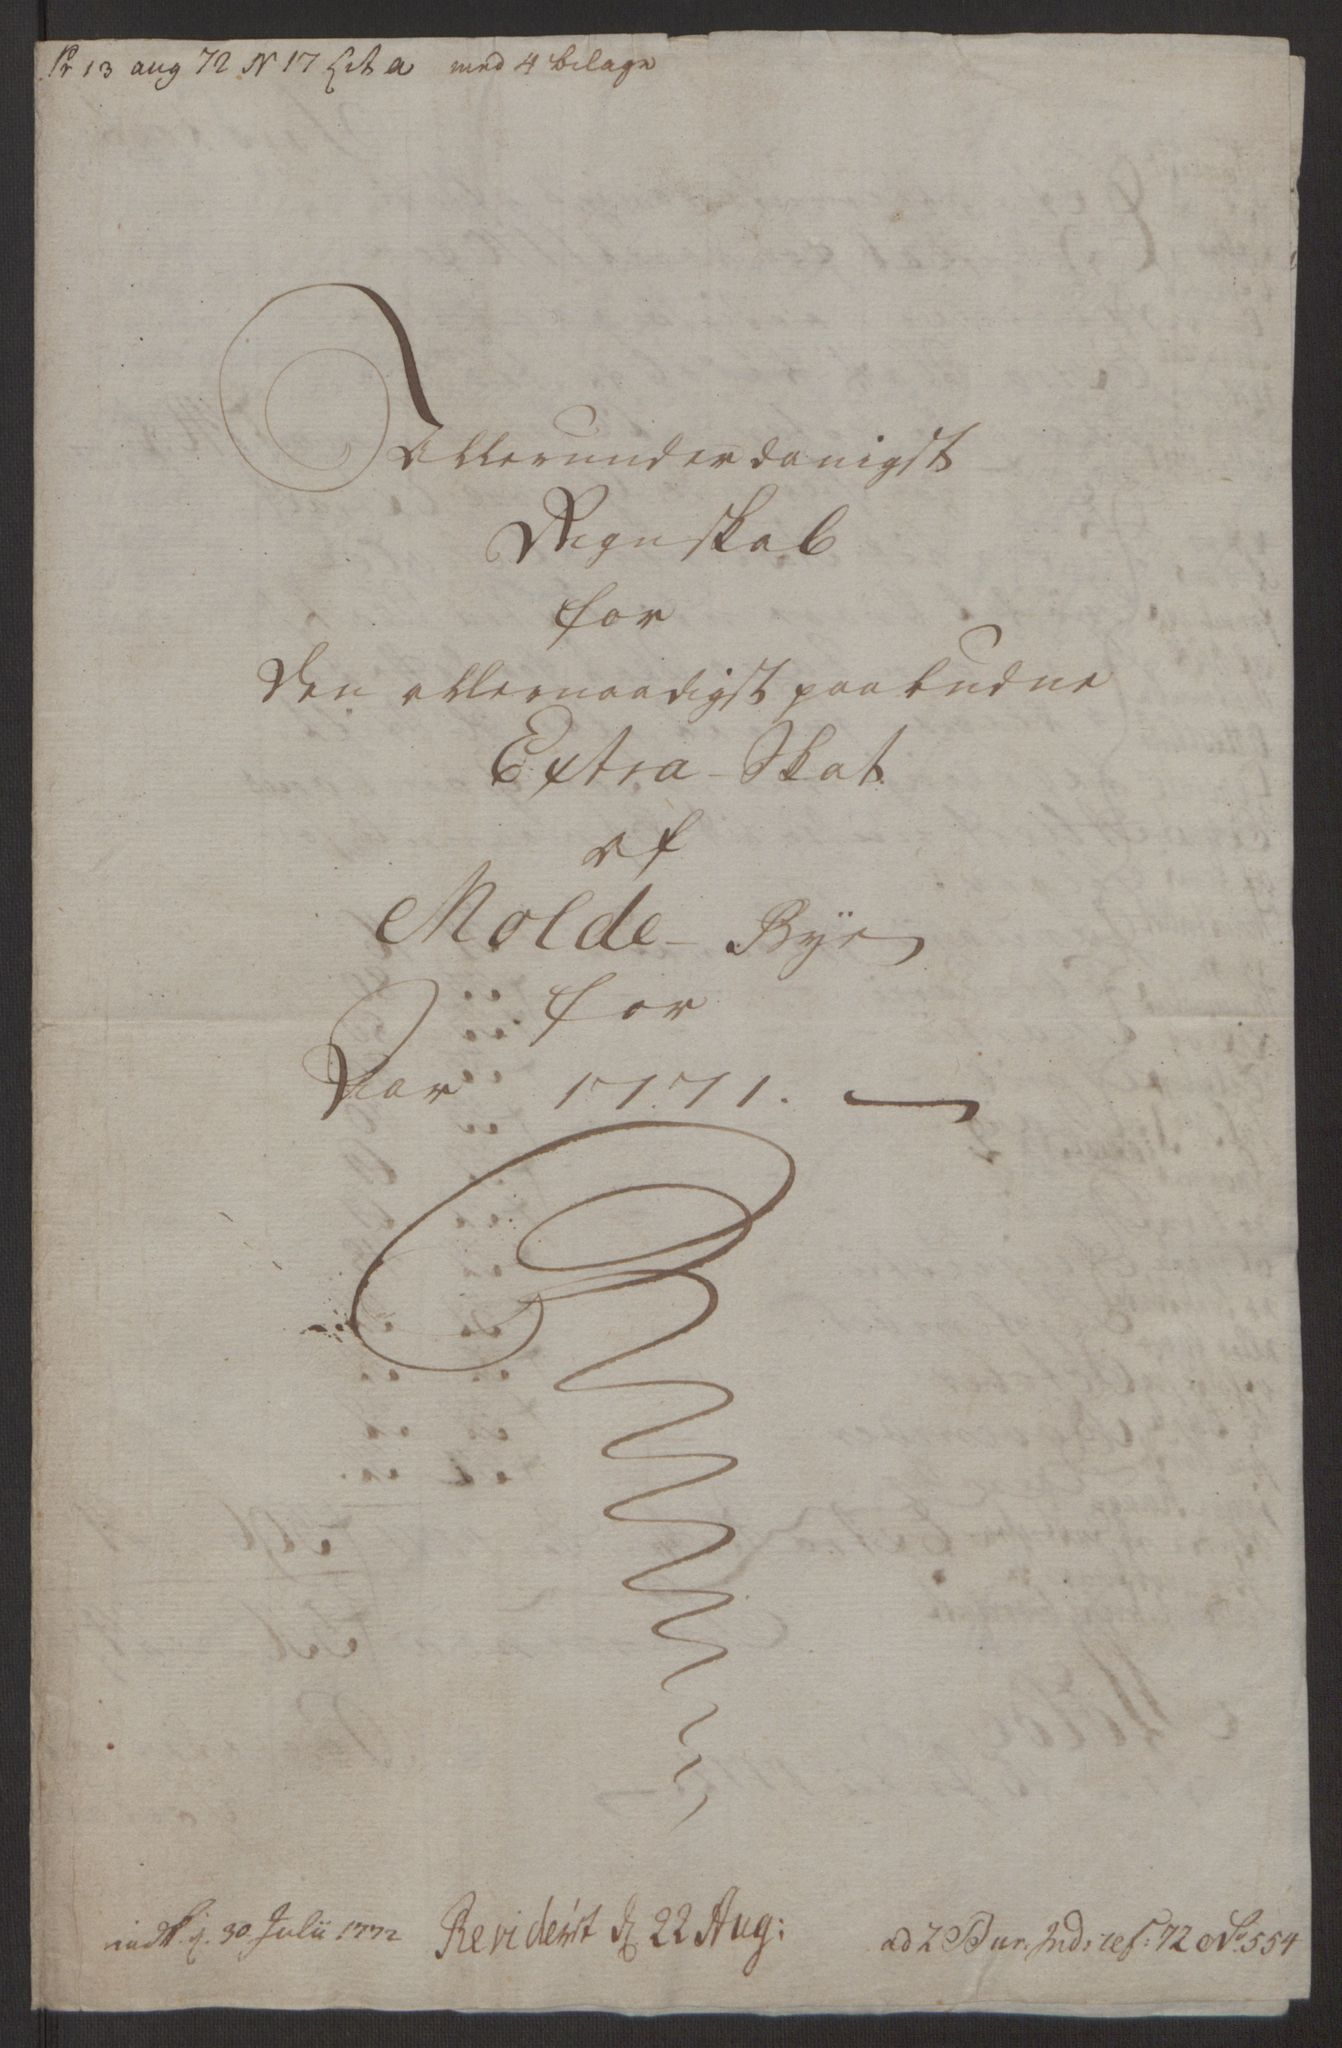 RA, Rentekammeret inntil 1814, Reviderte regnskaper, Byregnskaper, R/Rq/L0487: [Q1] Kontribusjonsregnskap, 1762-1772, s. 197